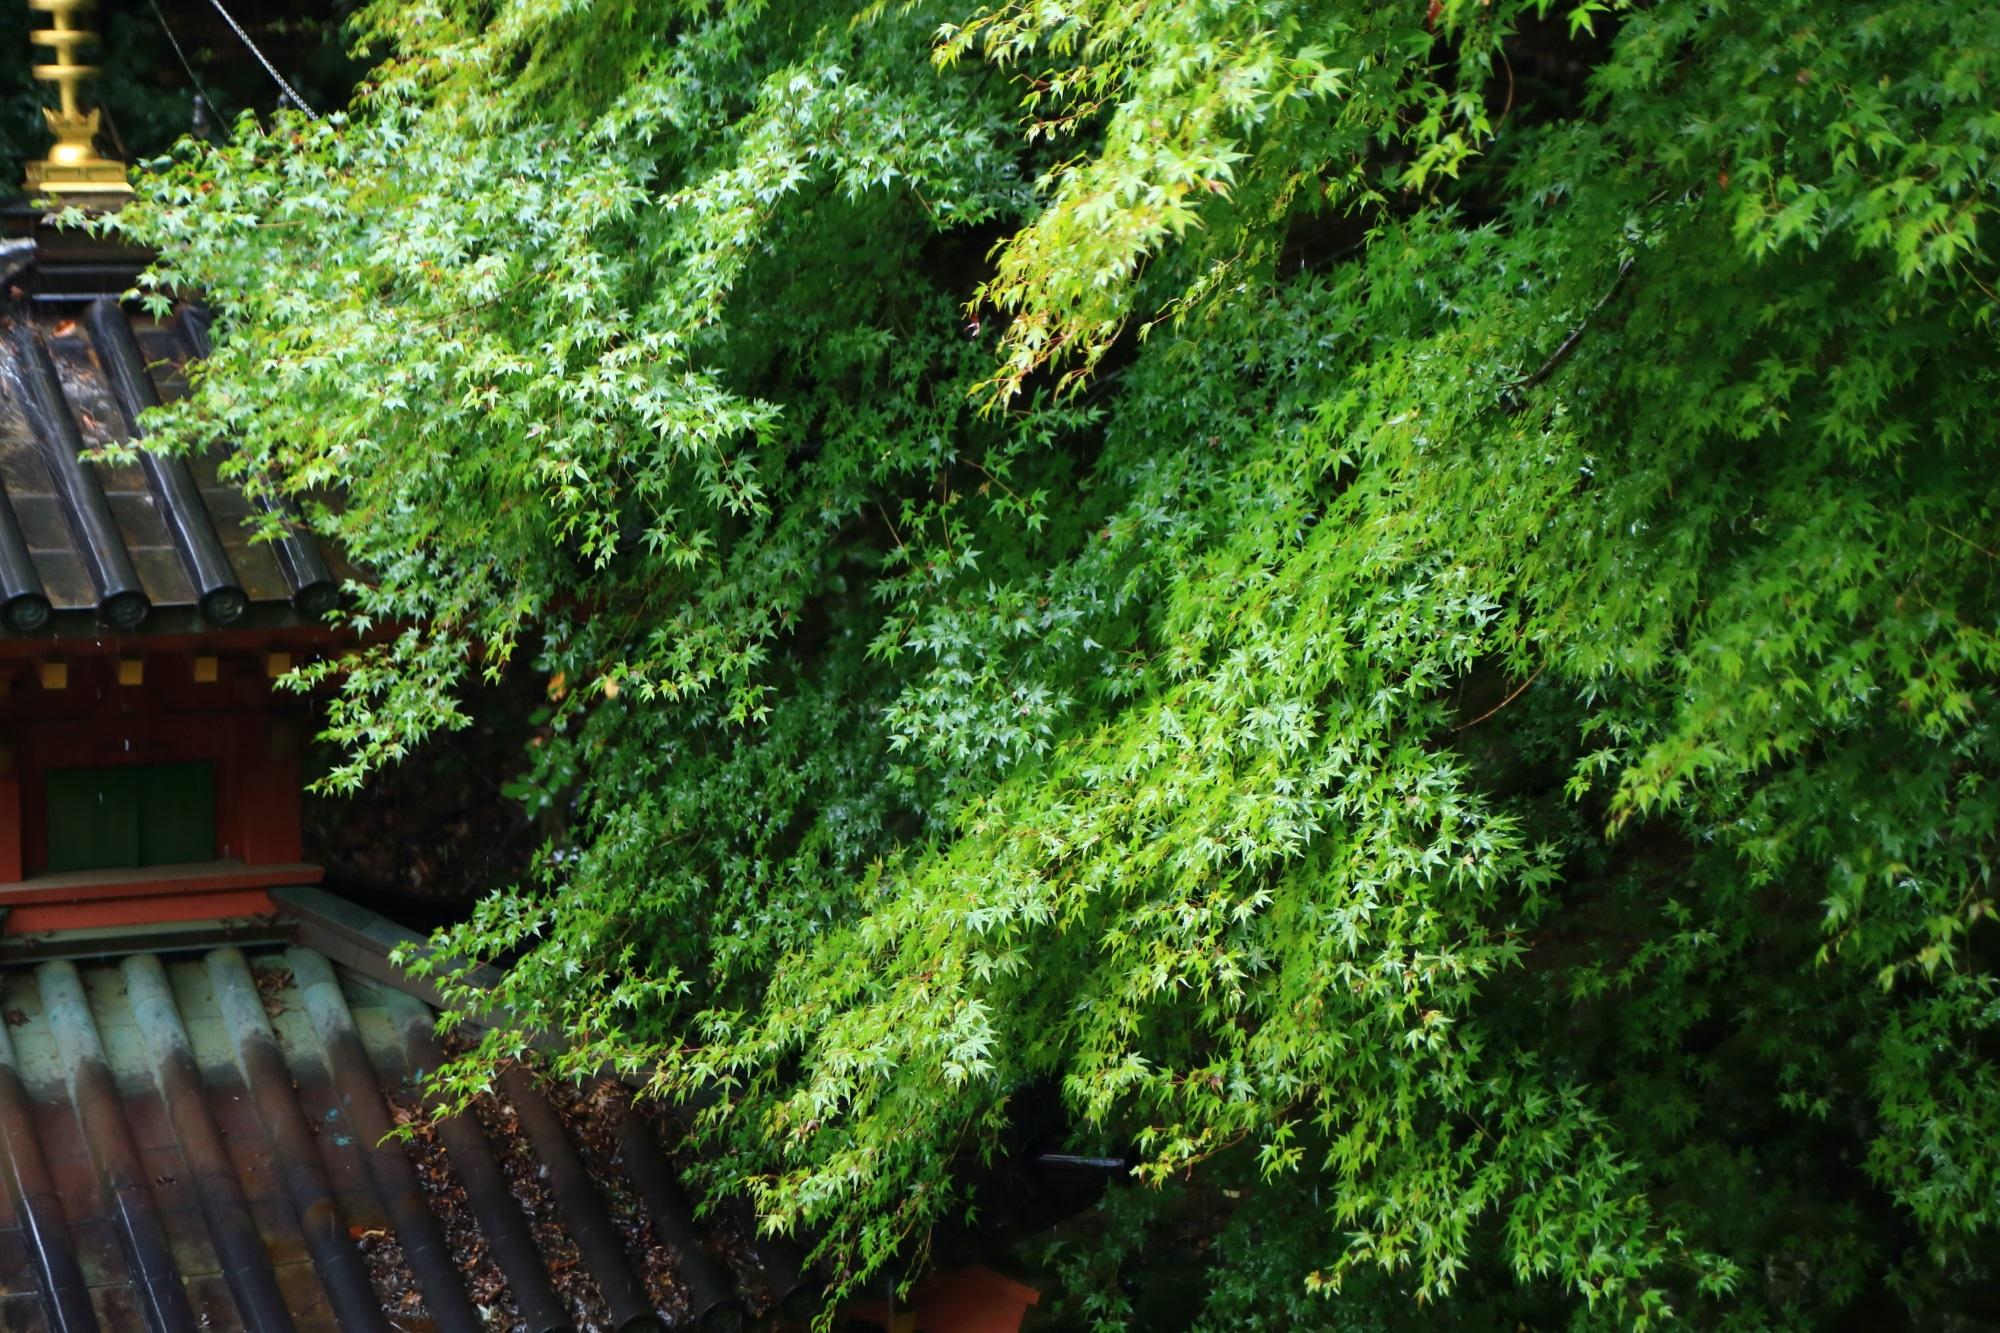 愛宕念仏寺の多宝塔と雨に濡れた青もみじ